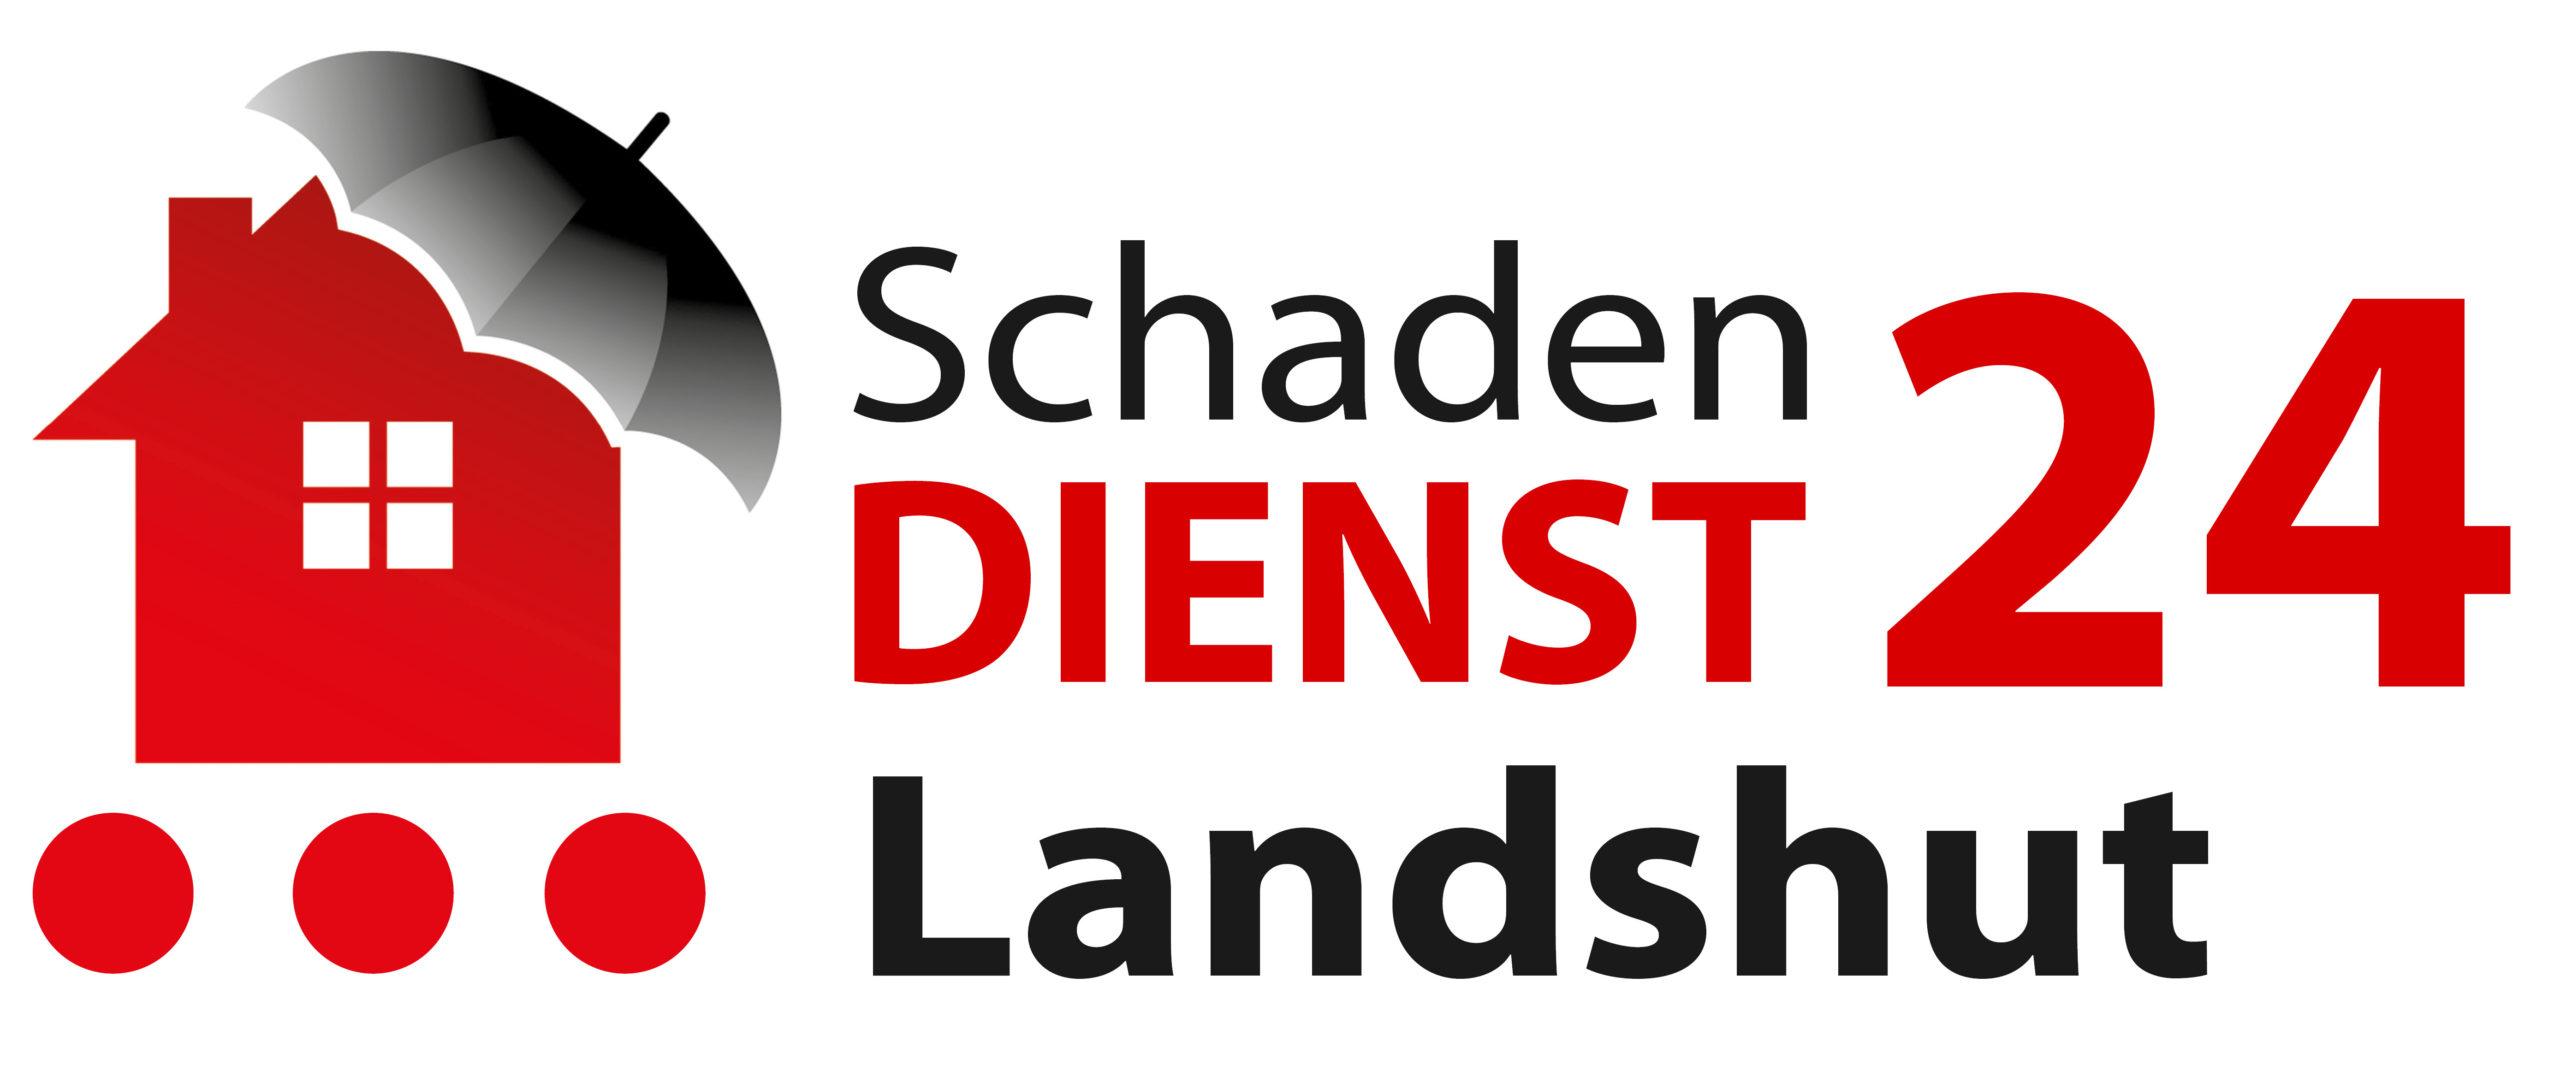 Schadendienst24 Landshut Logo